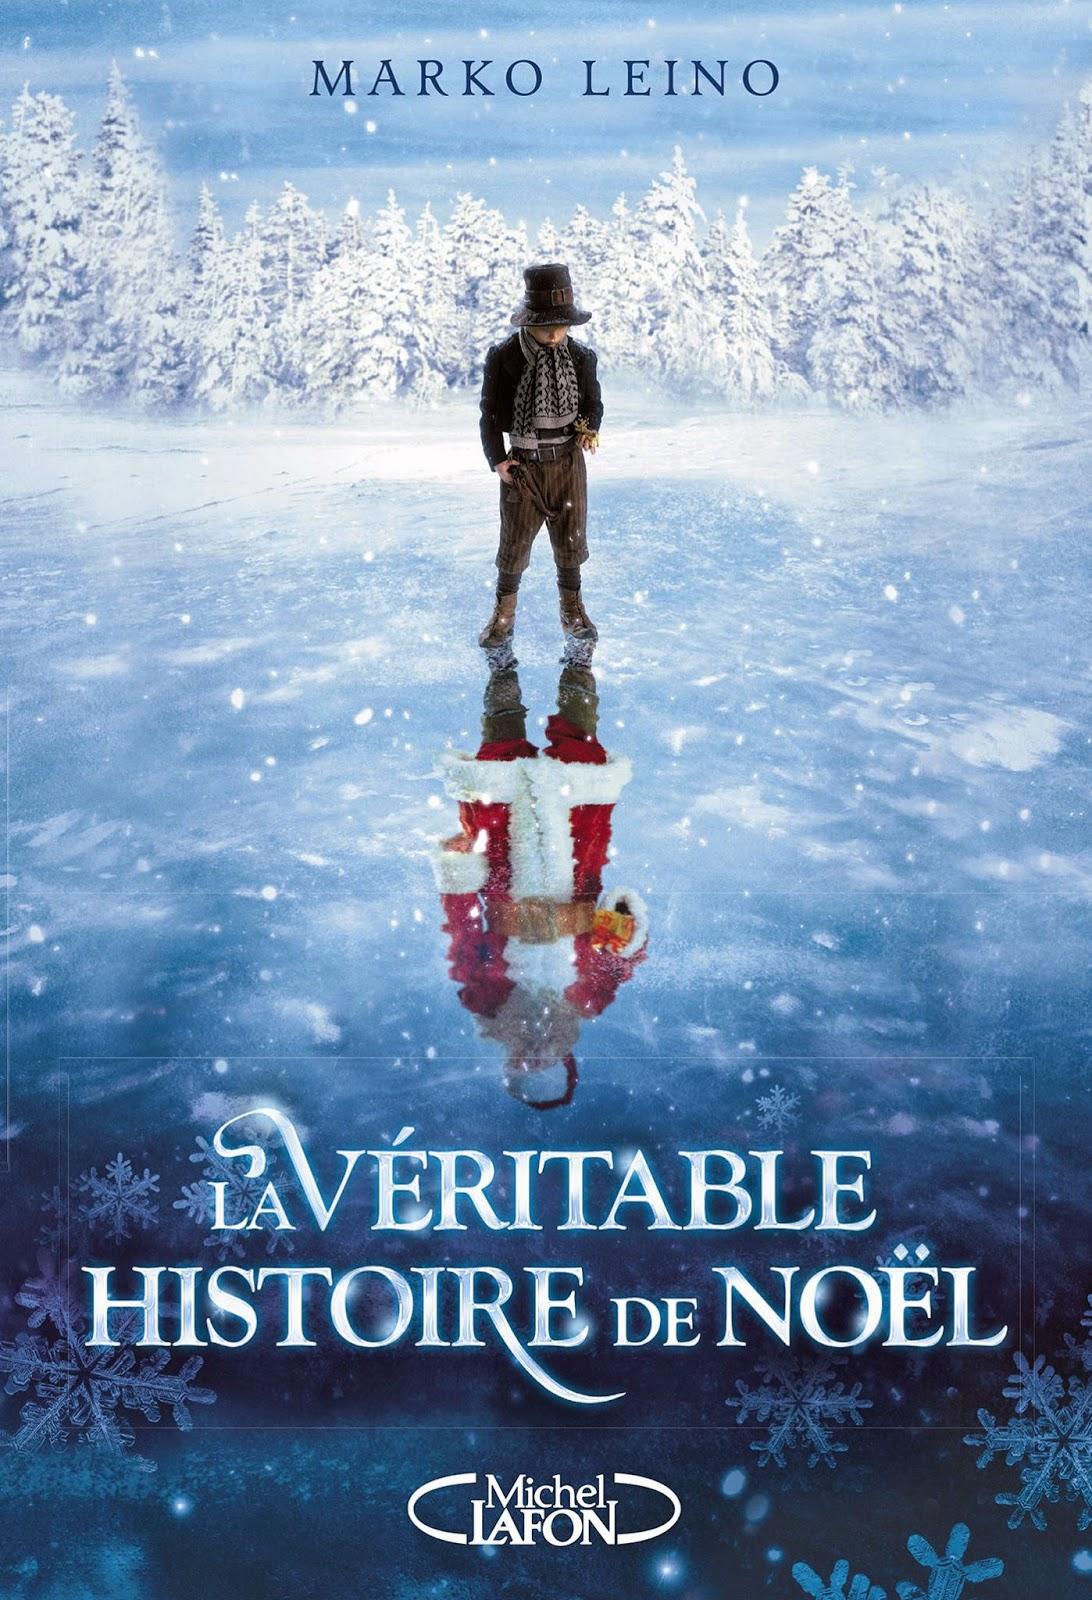 La Véritable Histoire de Noël Marko Leino